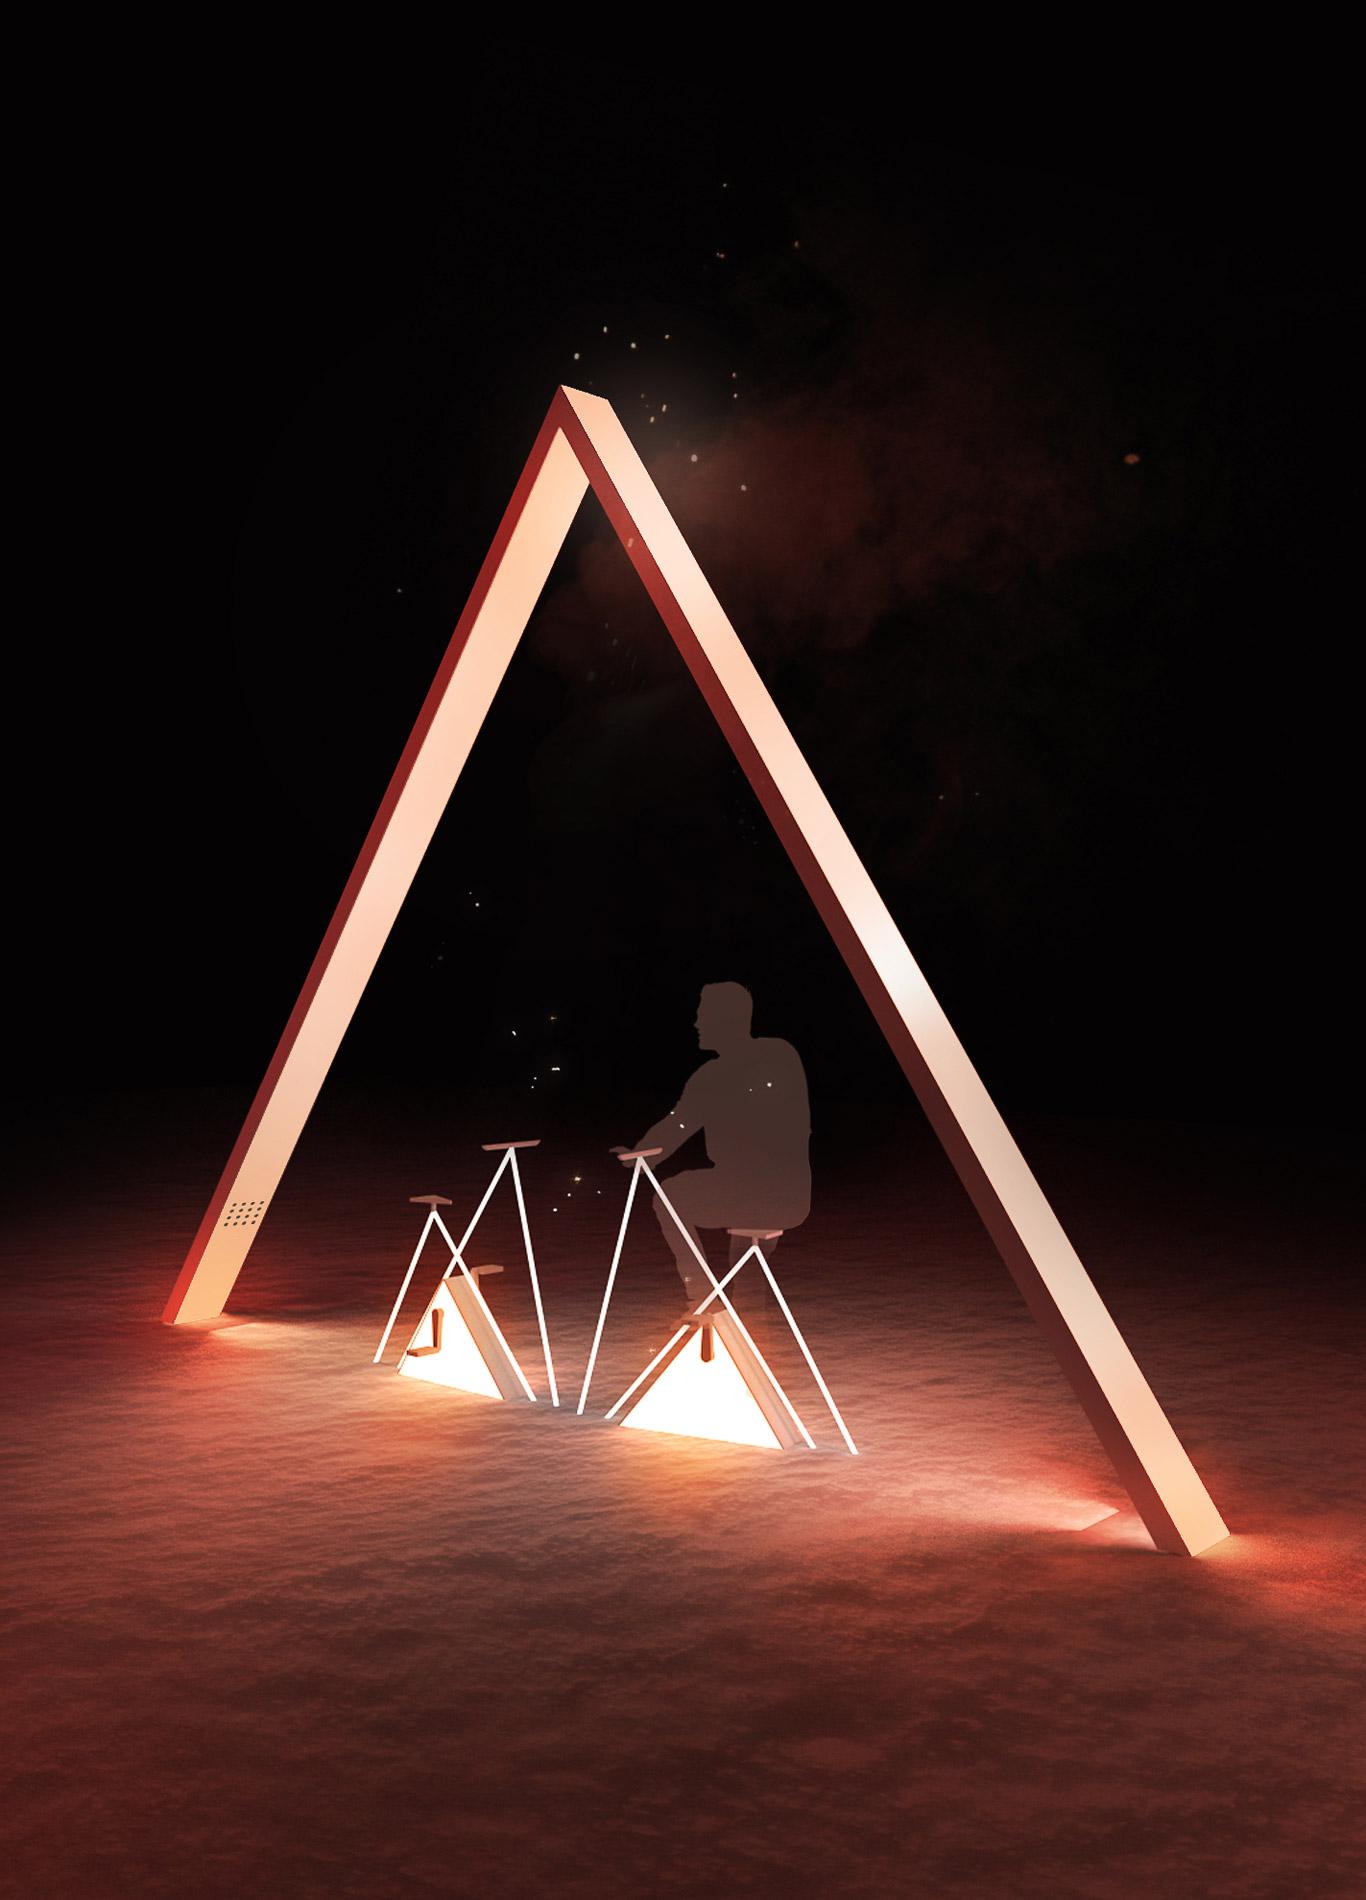 concours luminothérapie, collectif escargo, quartier des spéctacles, montréal, le sommeil de l'ours, art public